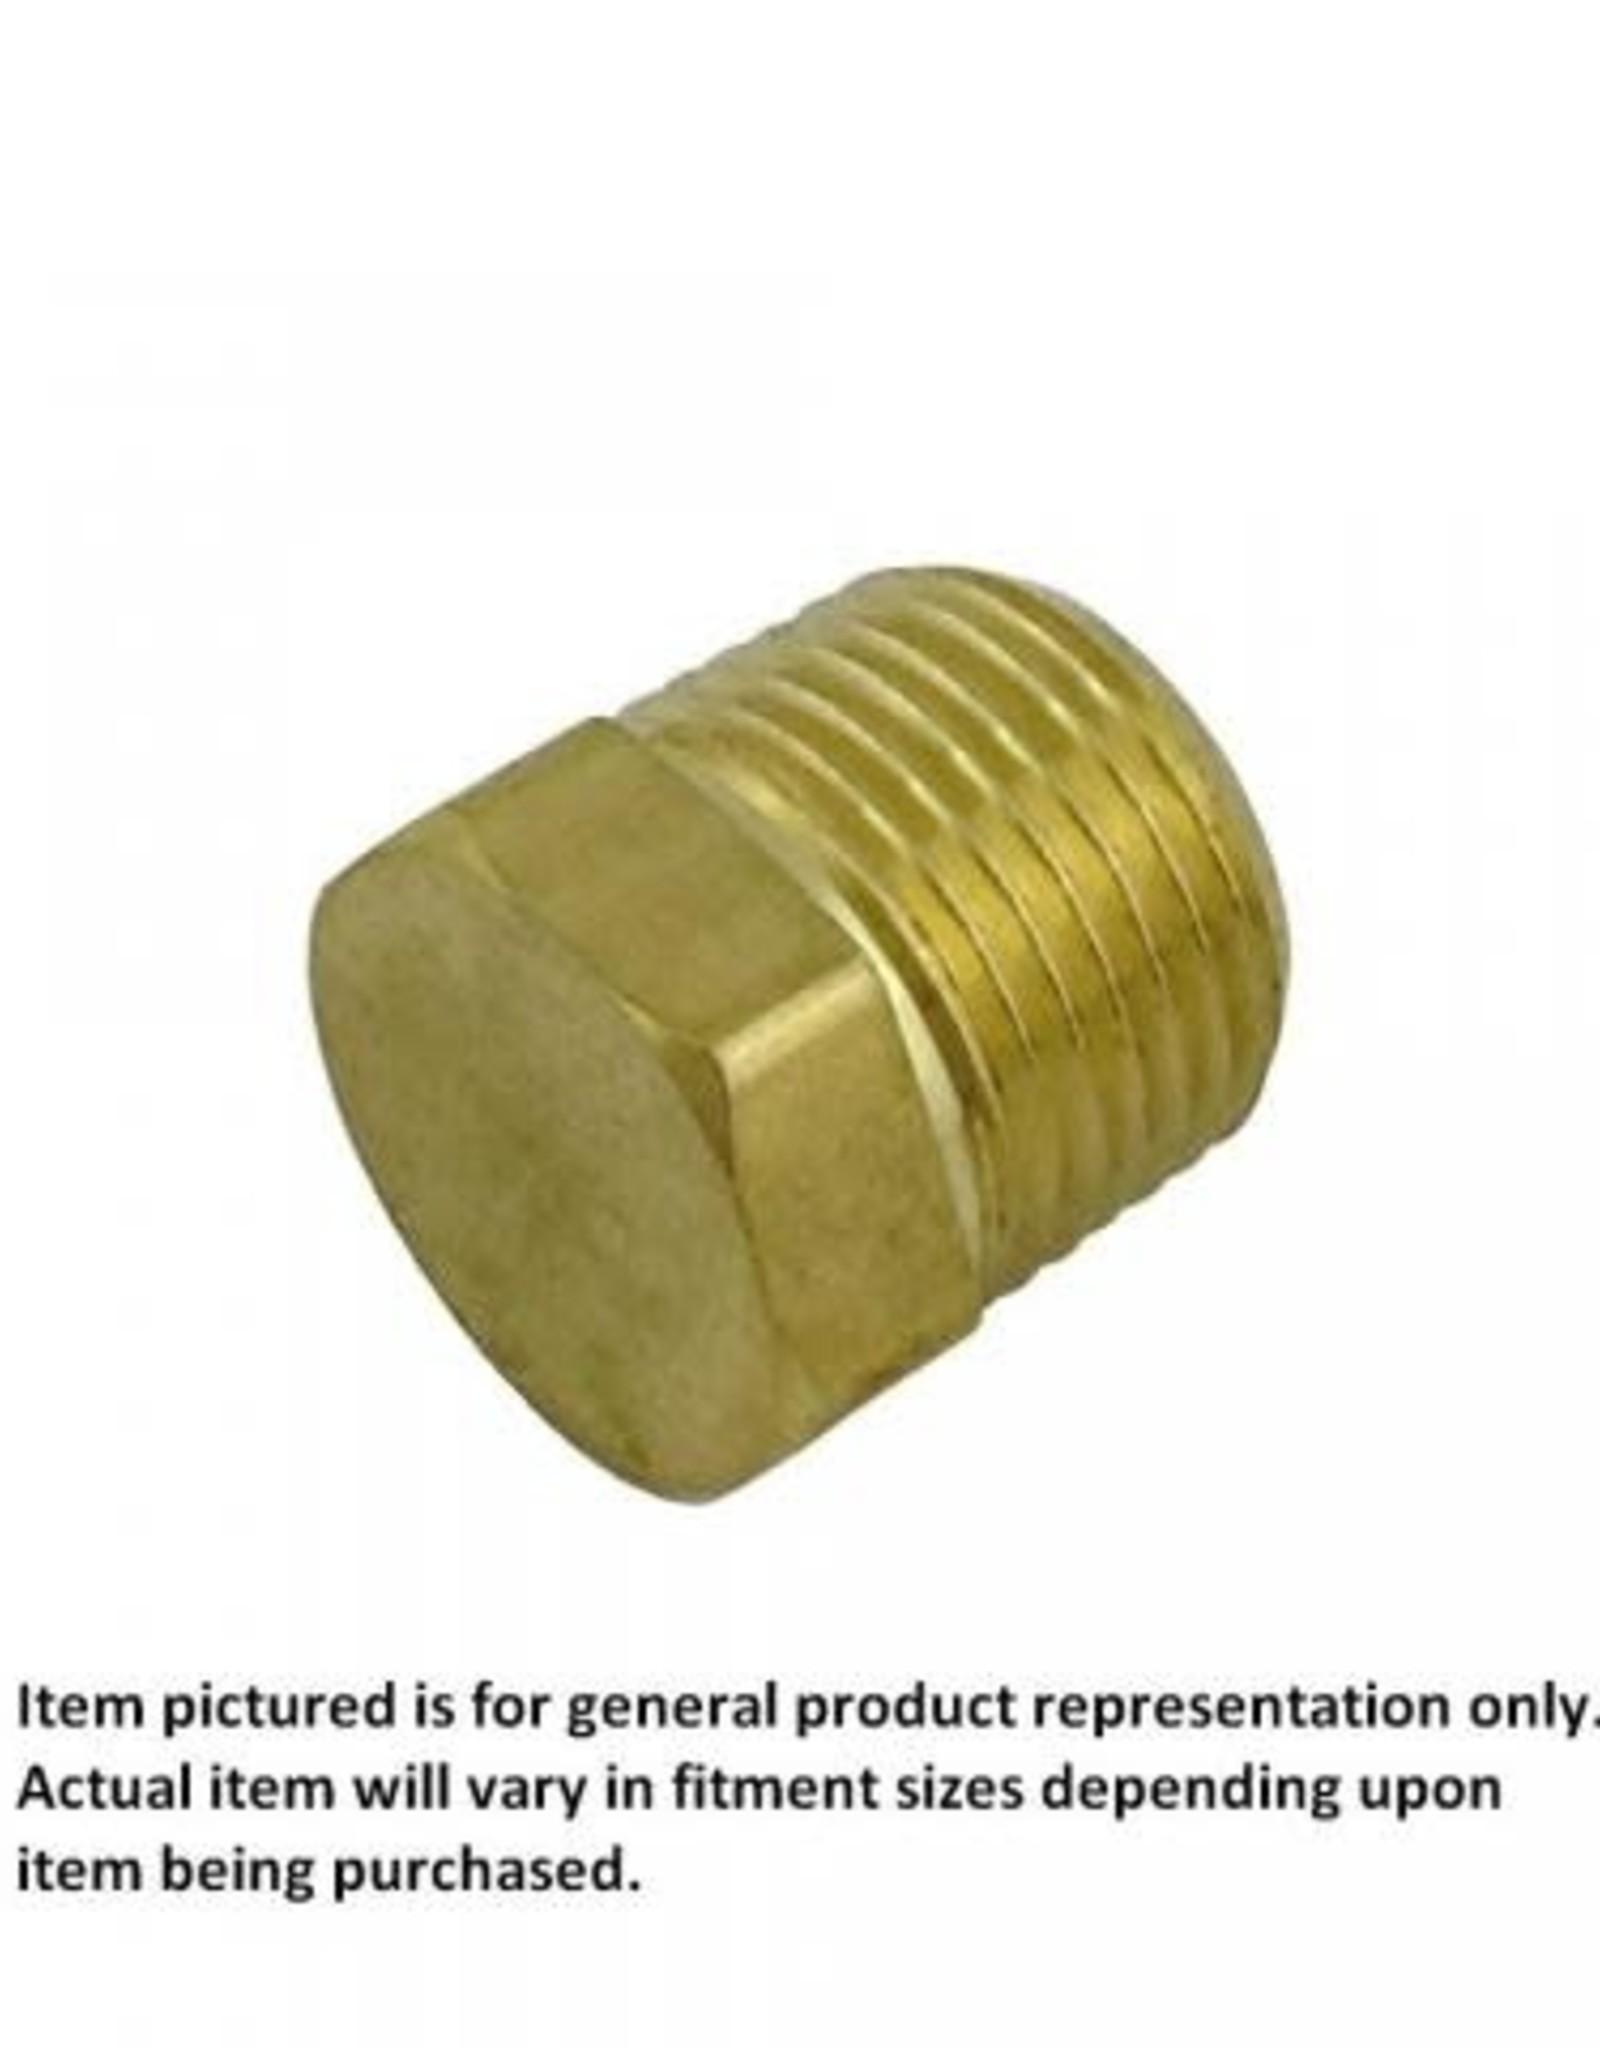 Hex Head Plug, 1/4MPT (RHT)